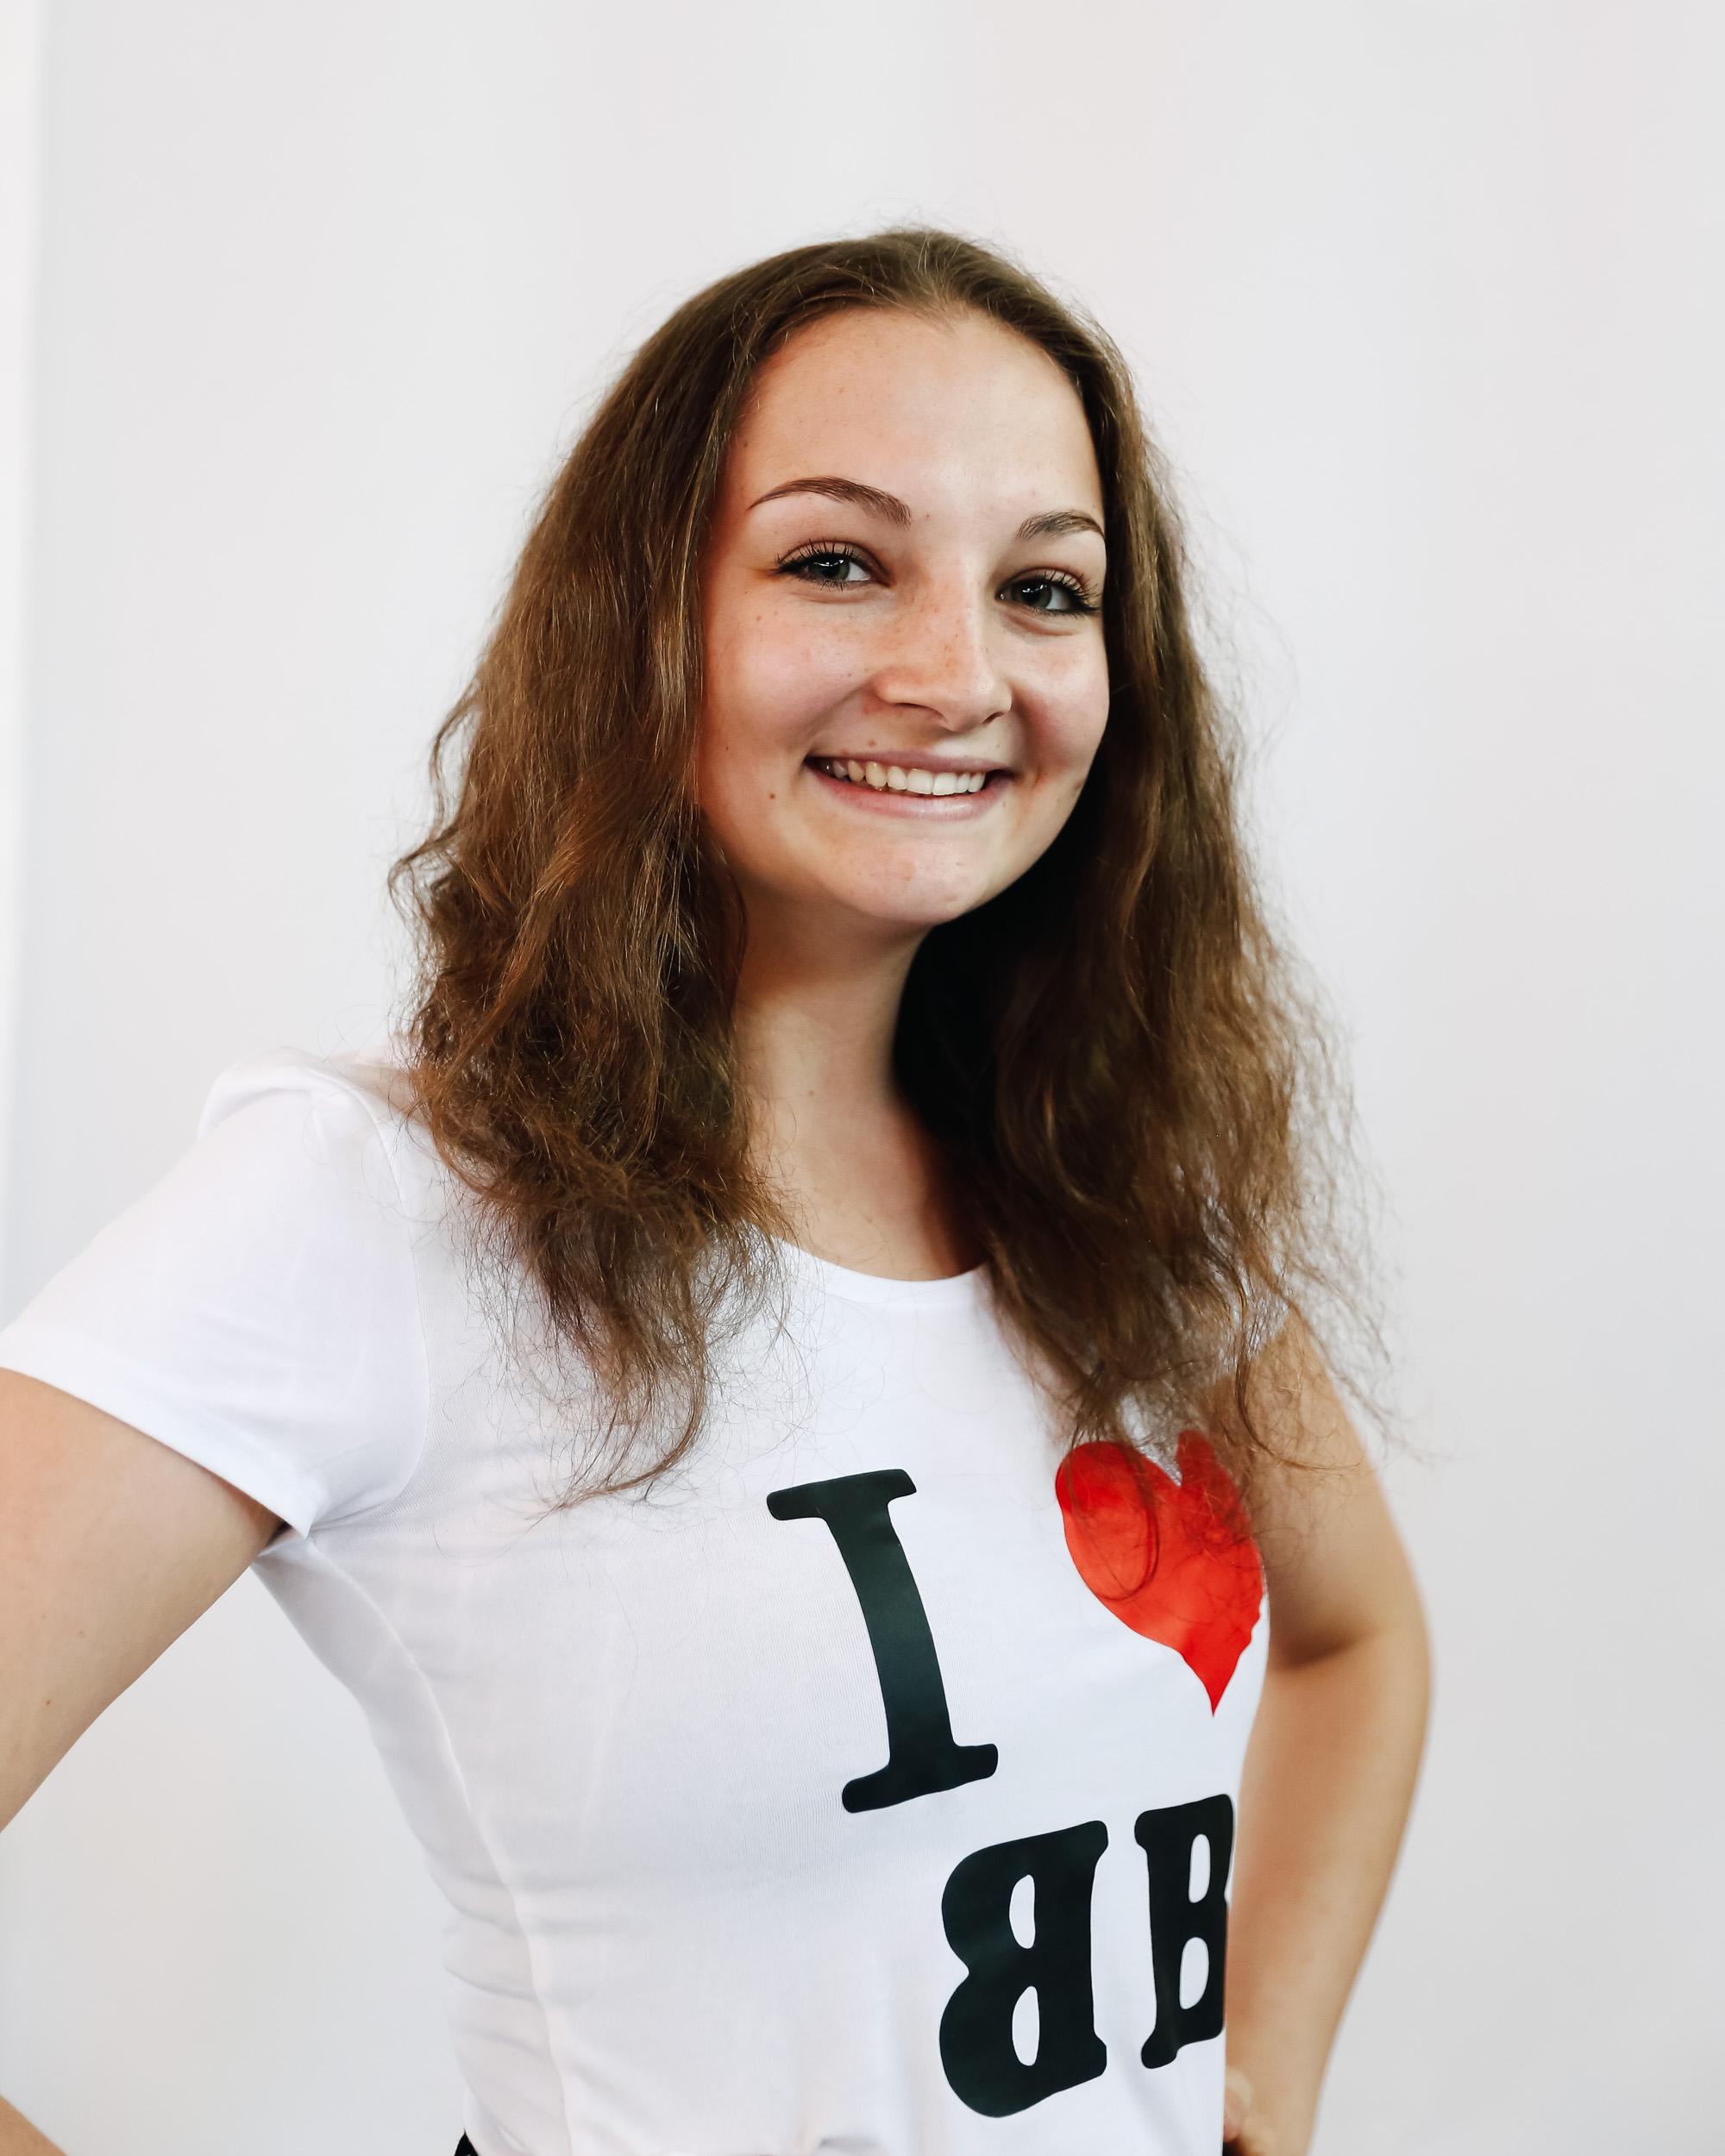 Hanna Pletschacher